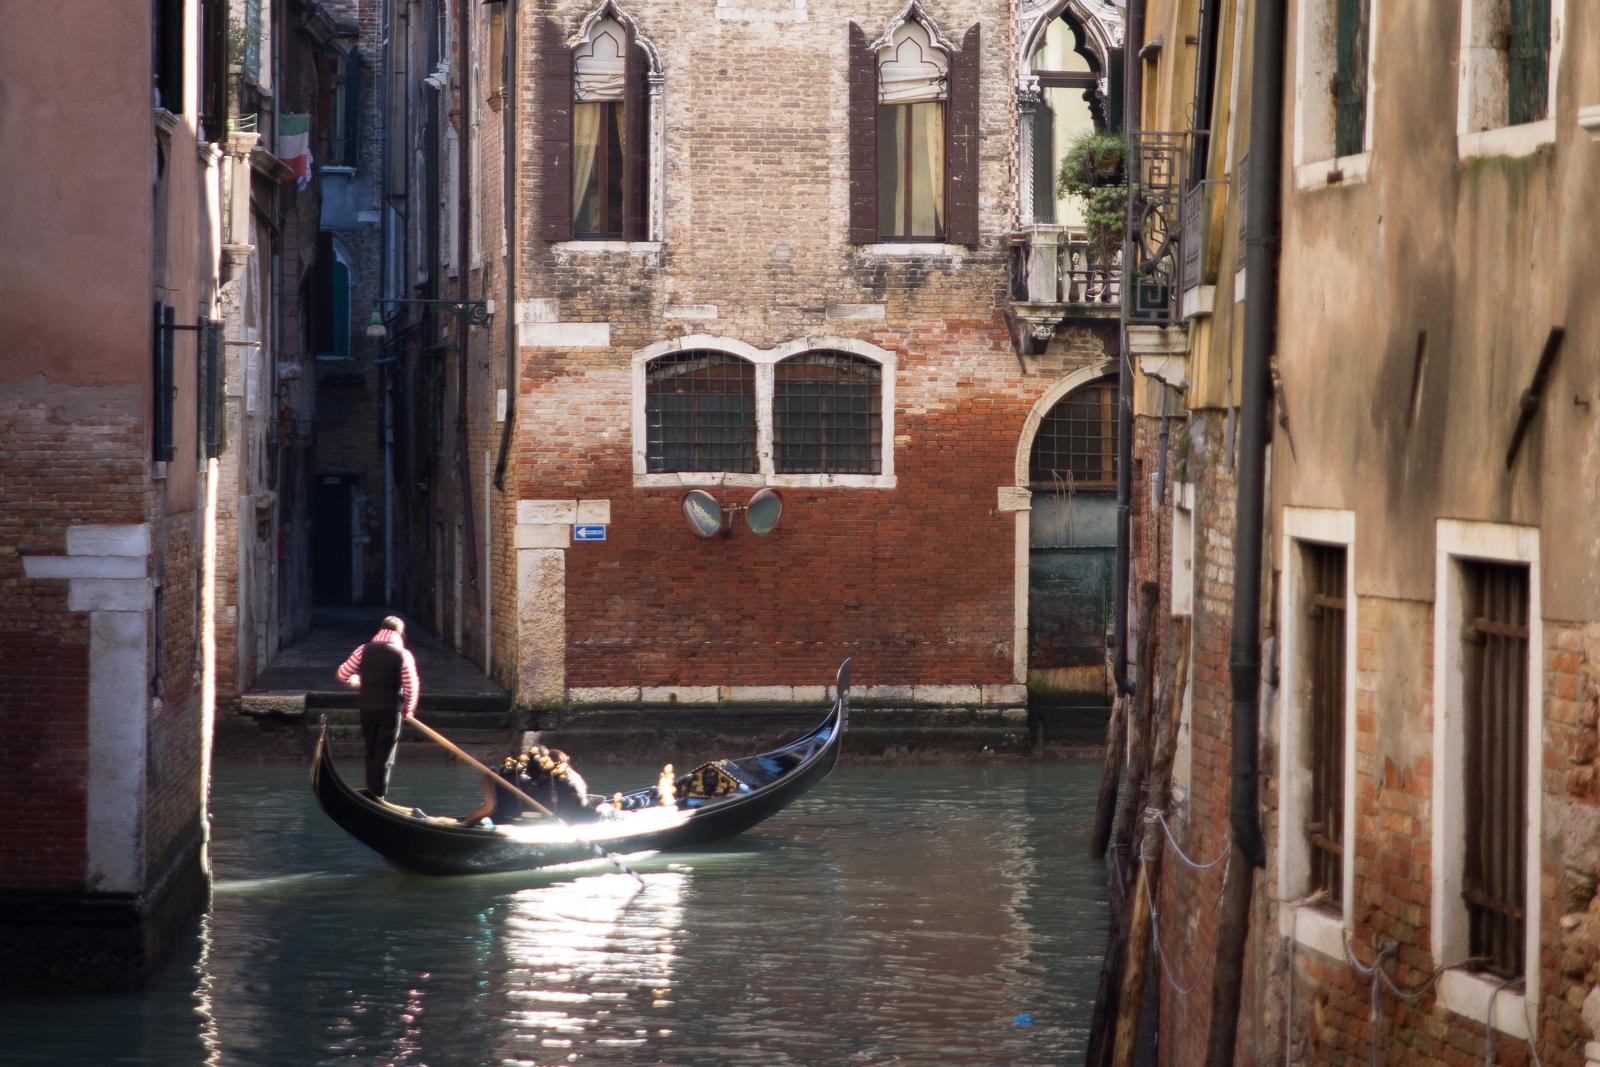 The gondola glides...